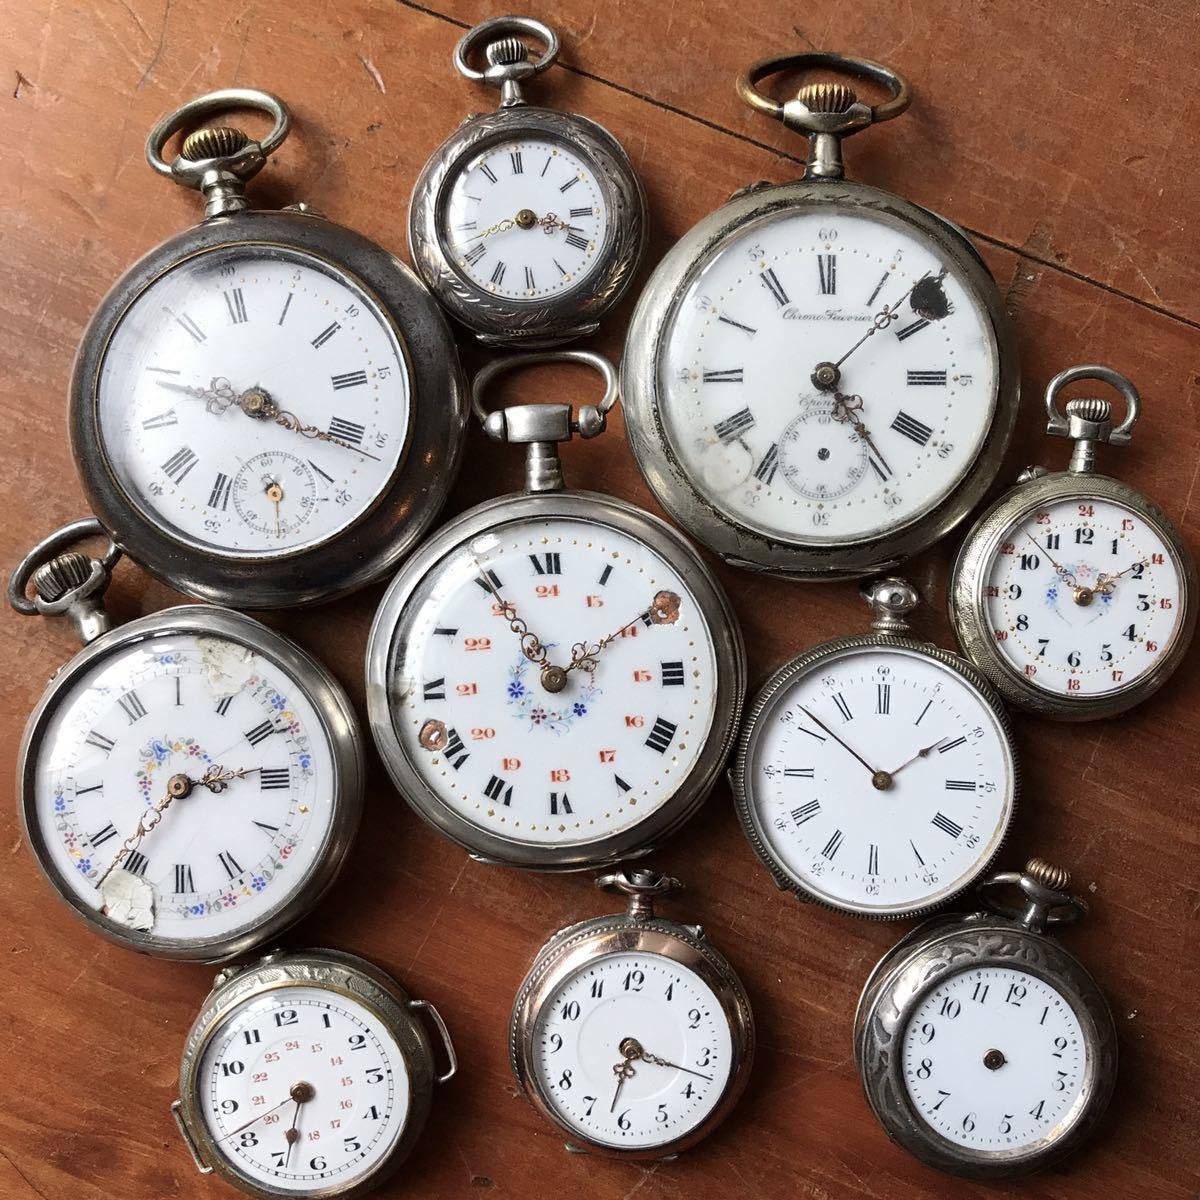 銀無垢多数!アンティーク懐中時計 ジャンク10点まとめて